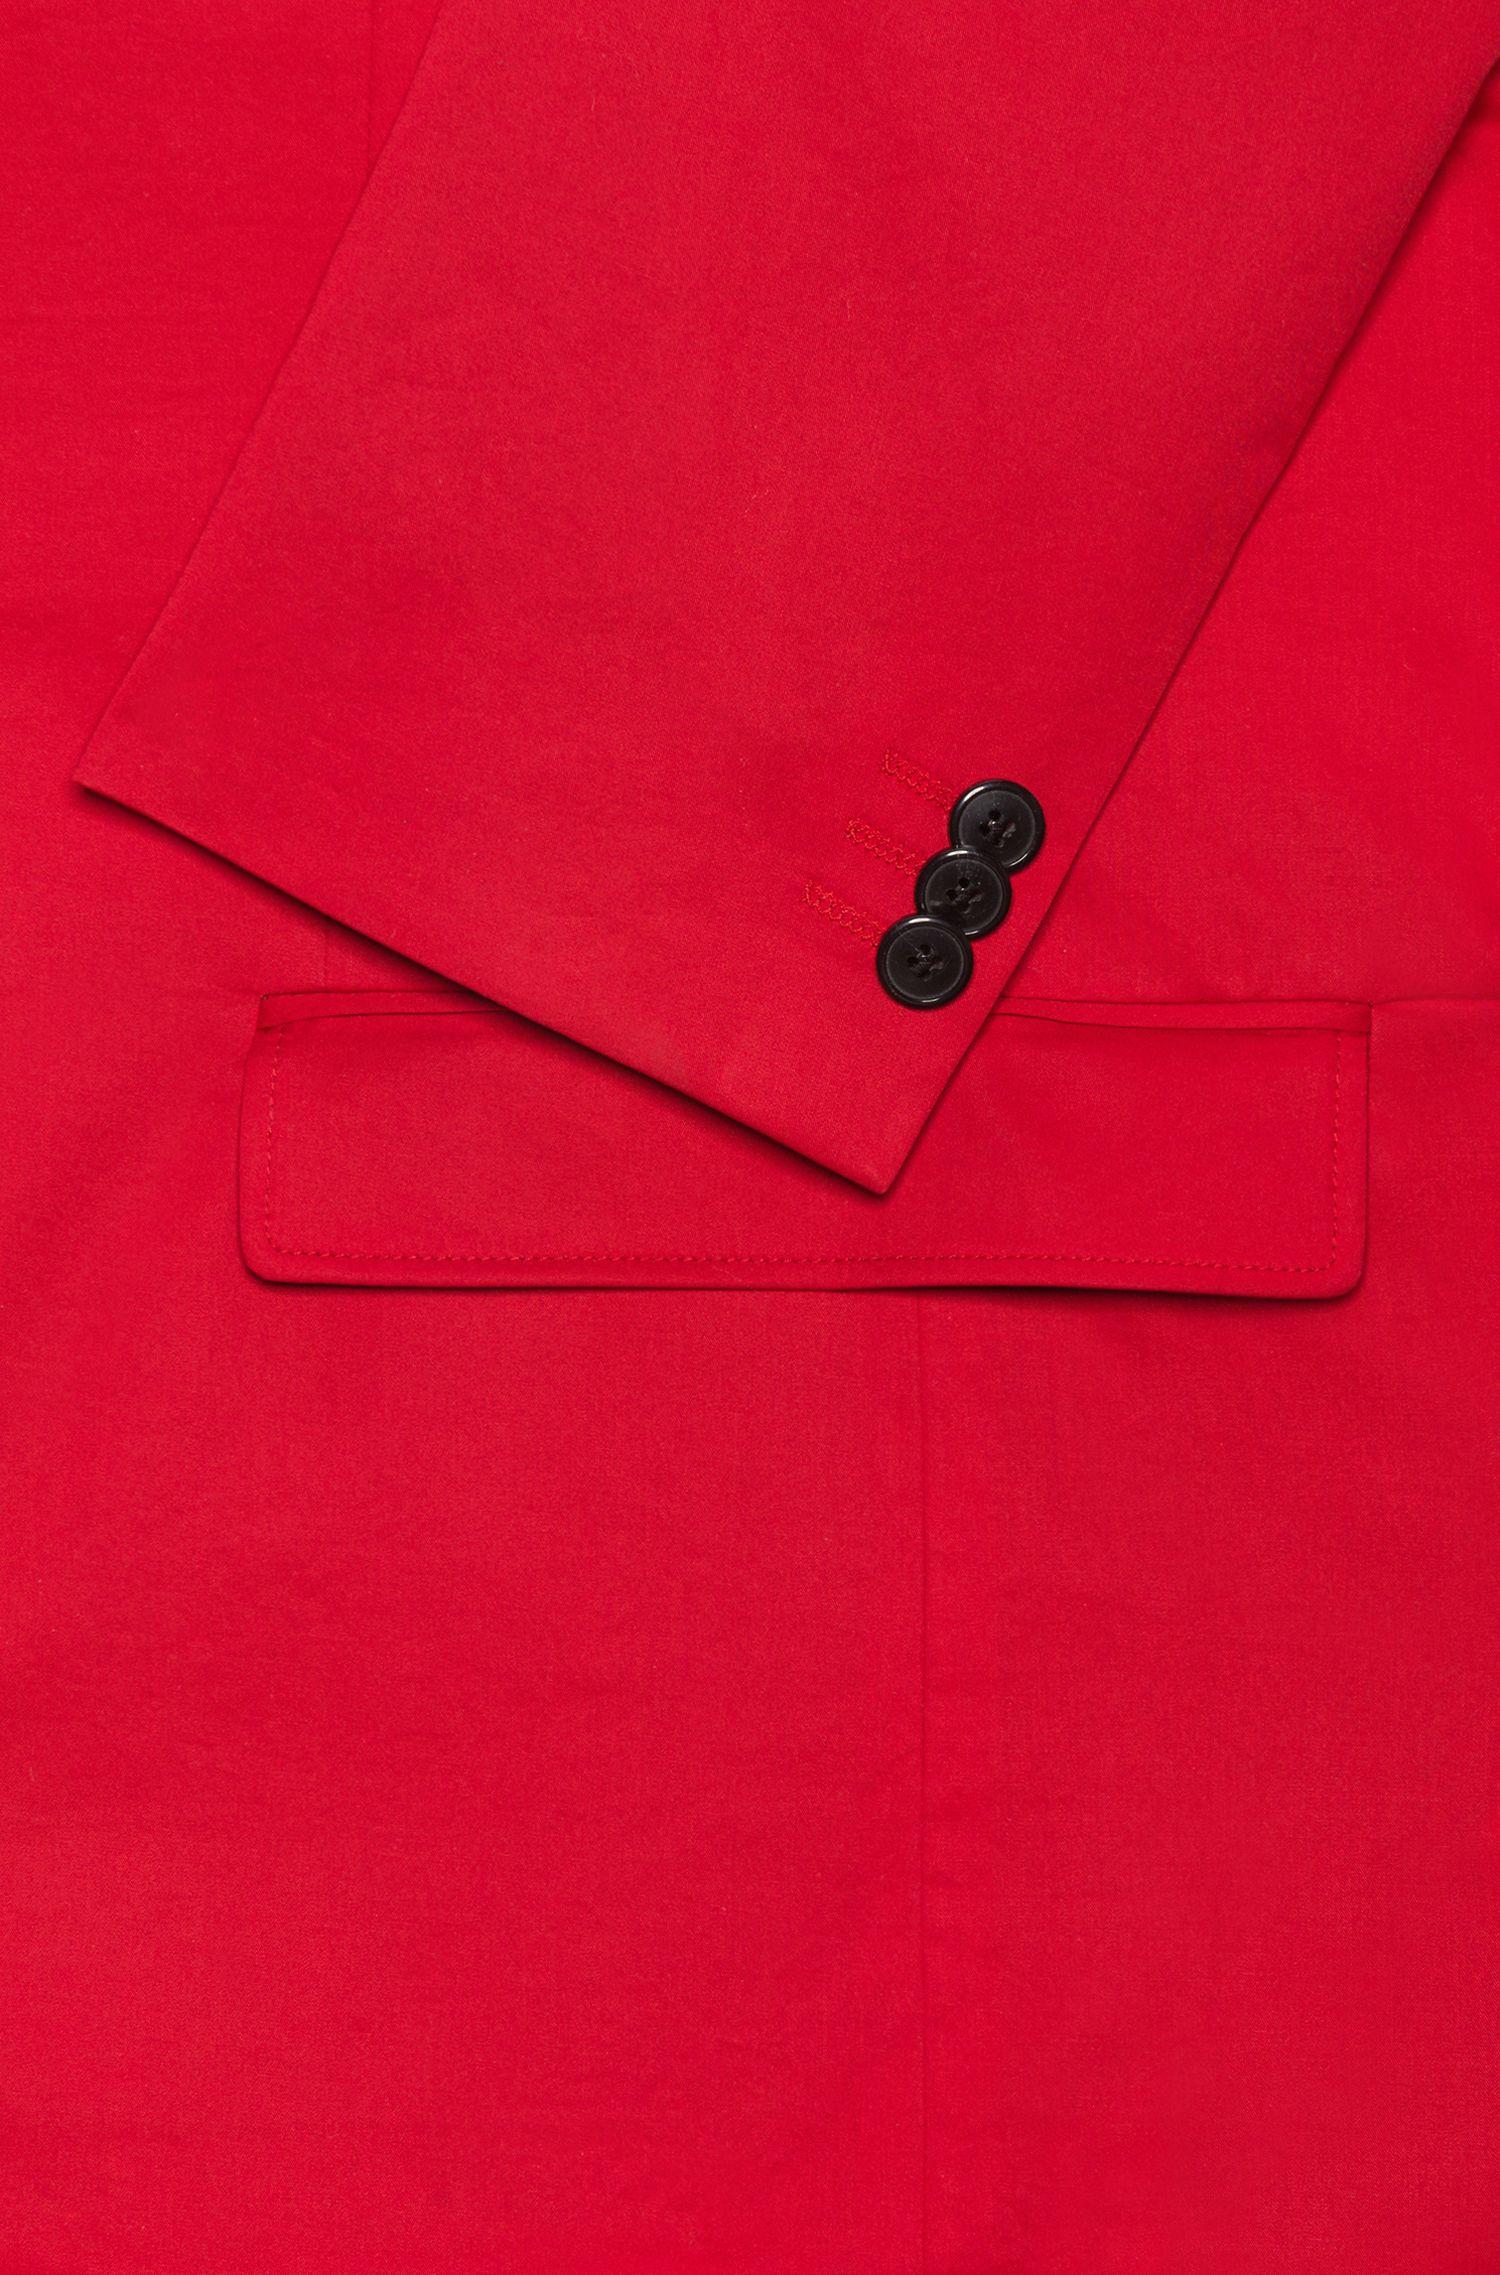 Veste Extra Slim Fit non doublée en coton stretch